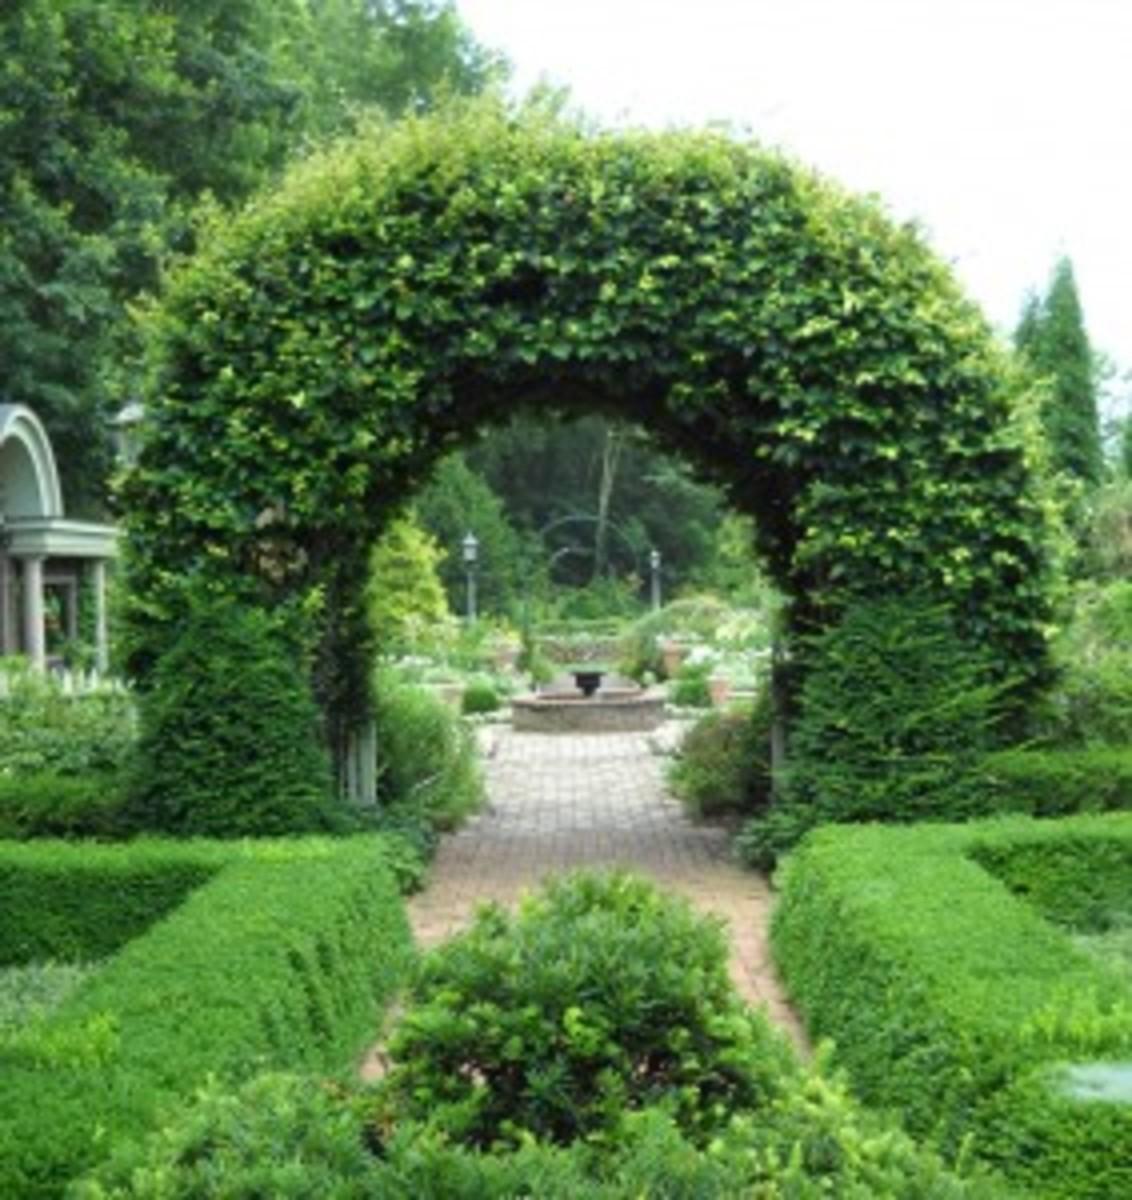 An arch of European beech